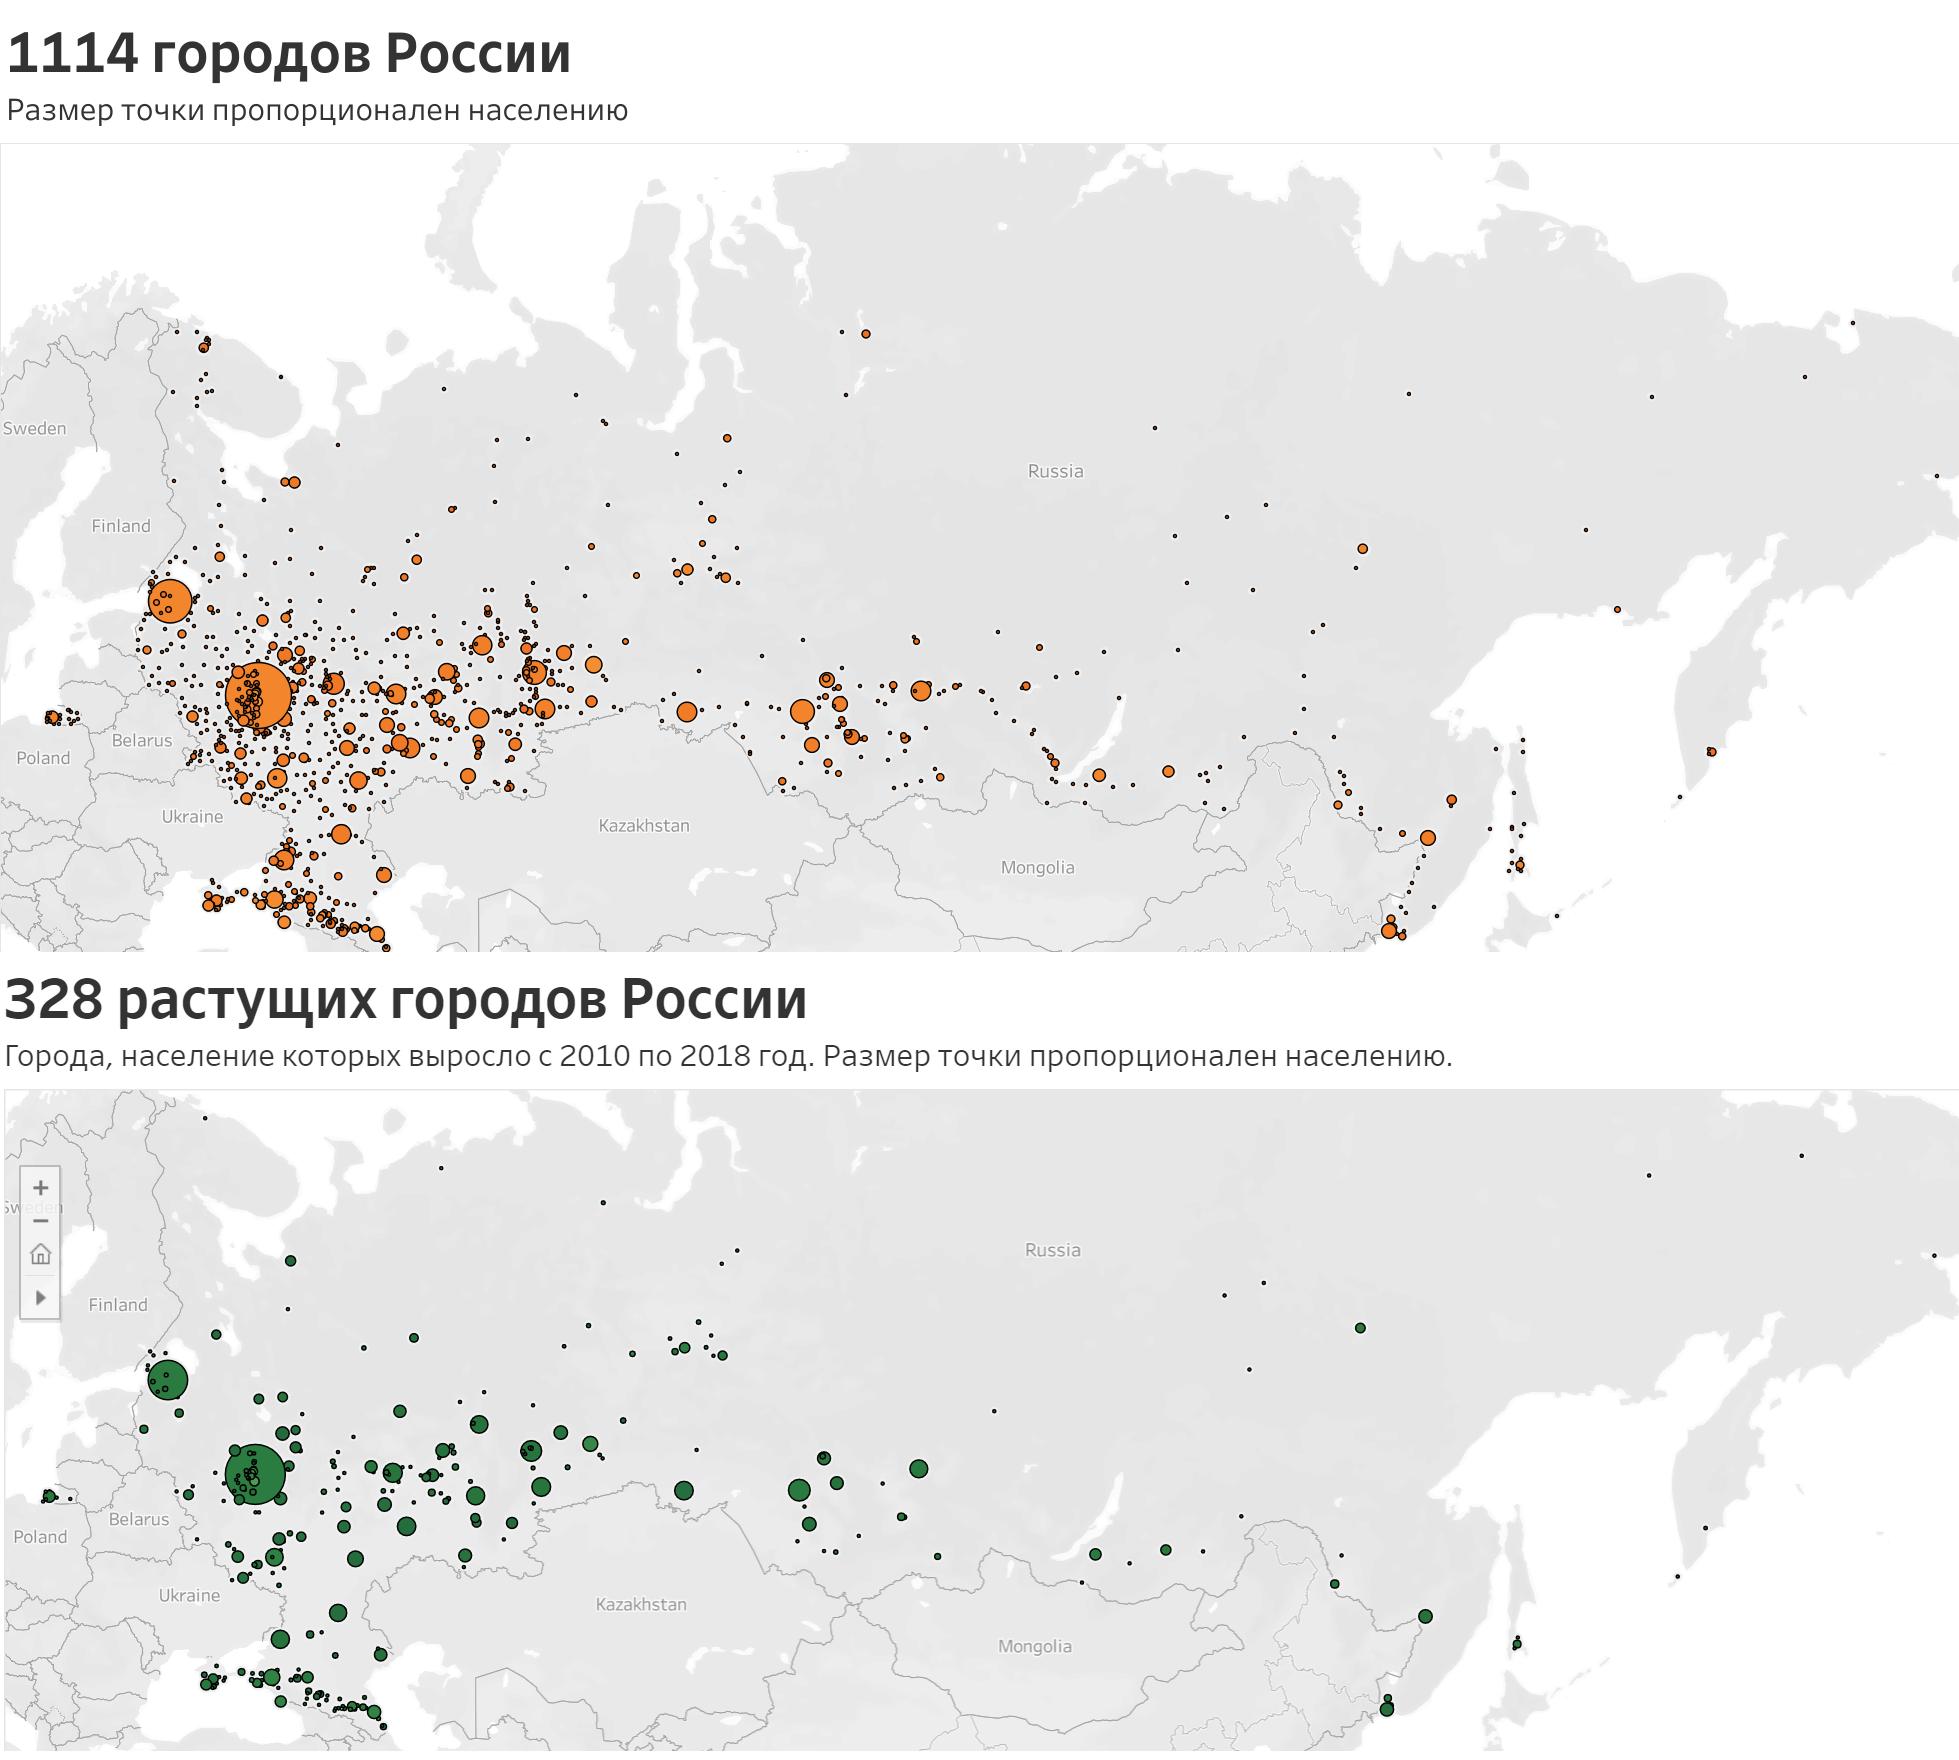 Растущие города России